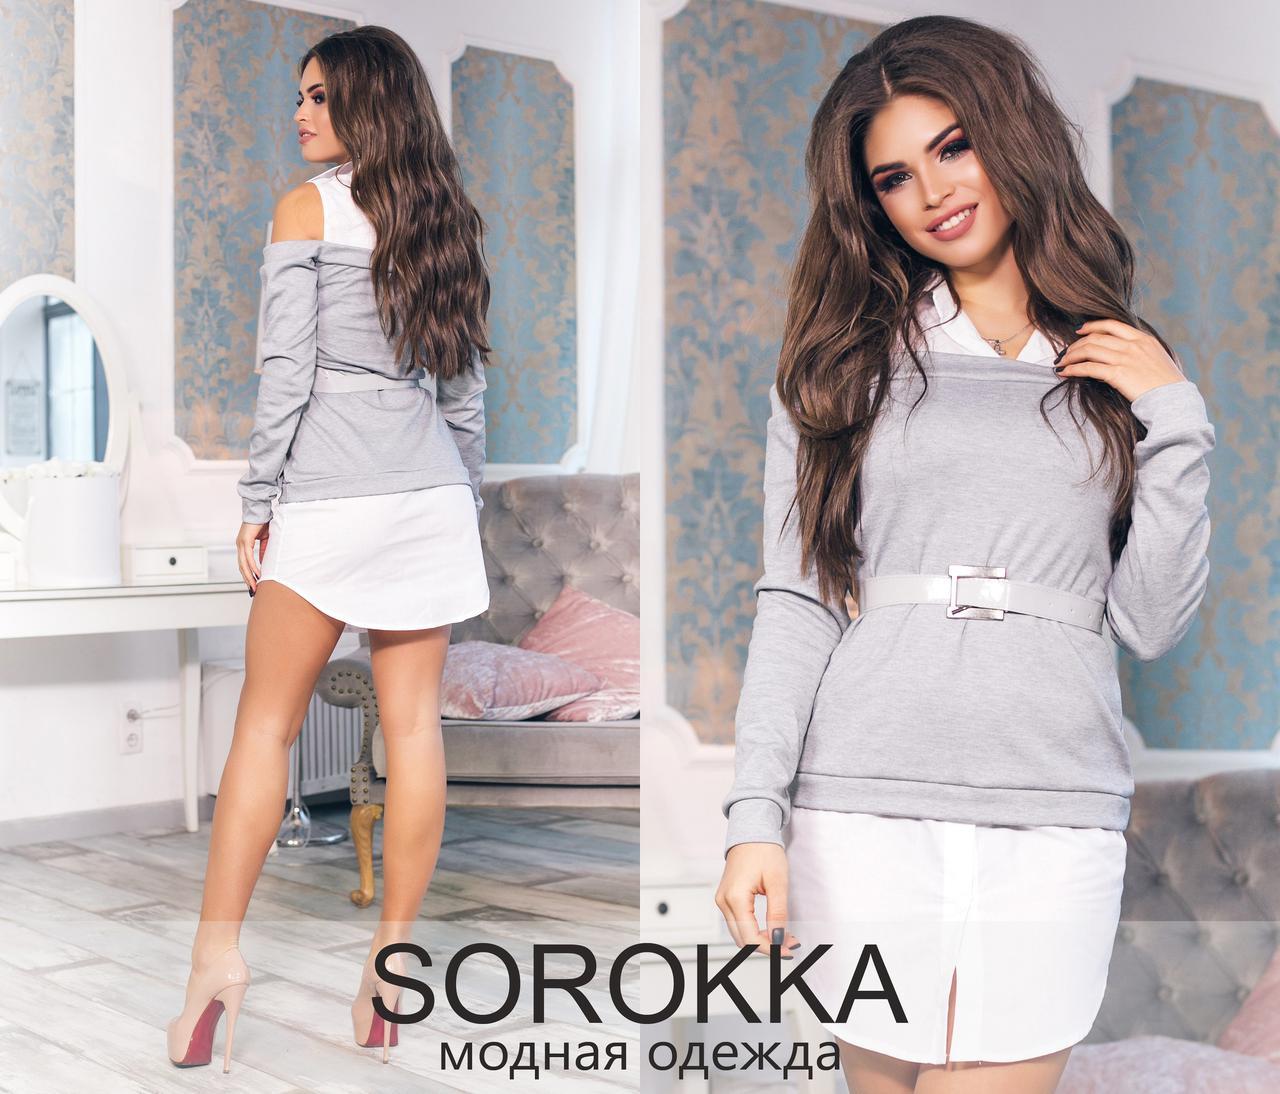 b3d0a119d05 Купить Платье-костюм для стильных женщин размеры S-L оптом и в ...